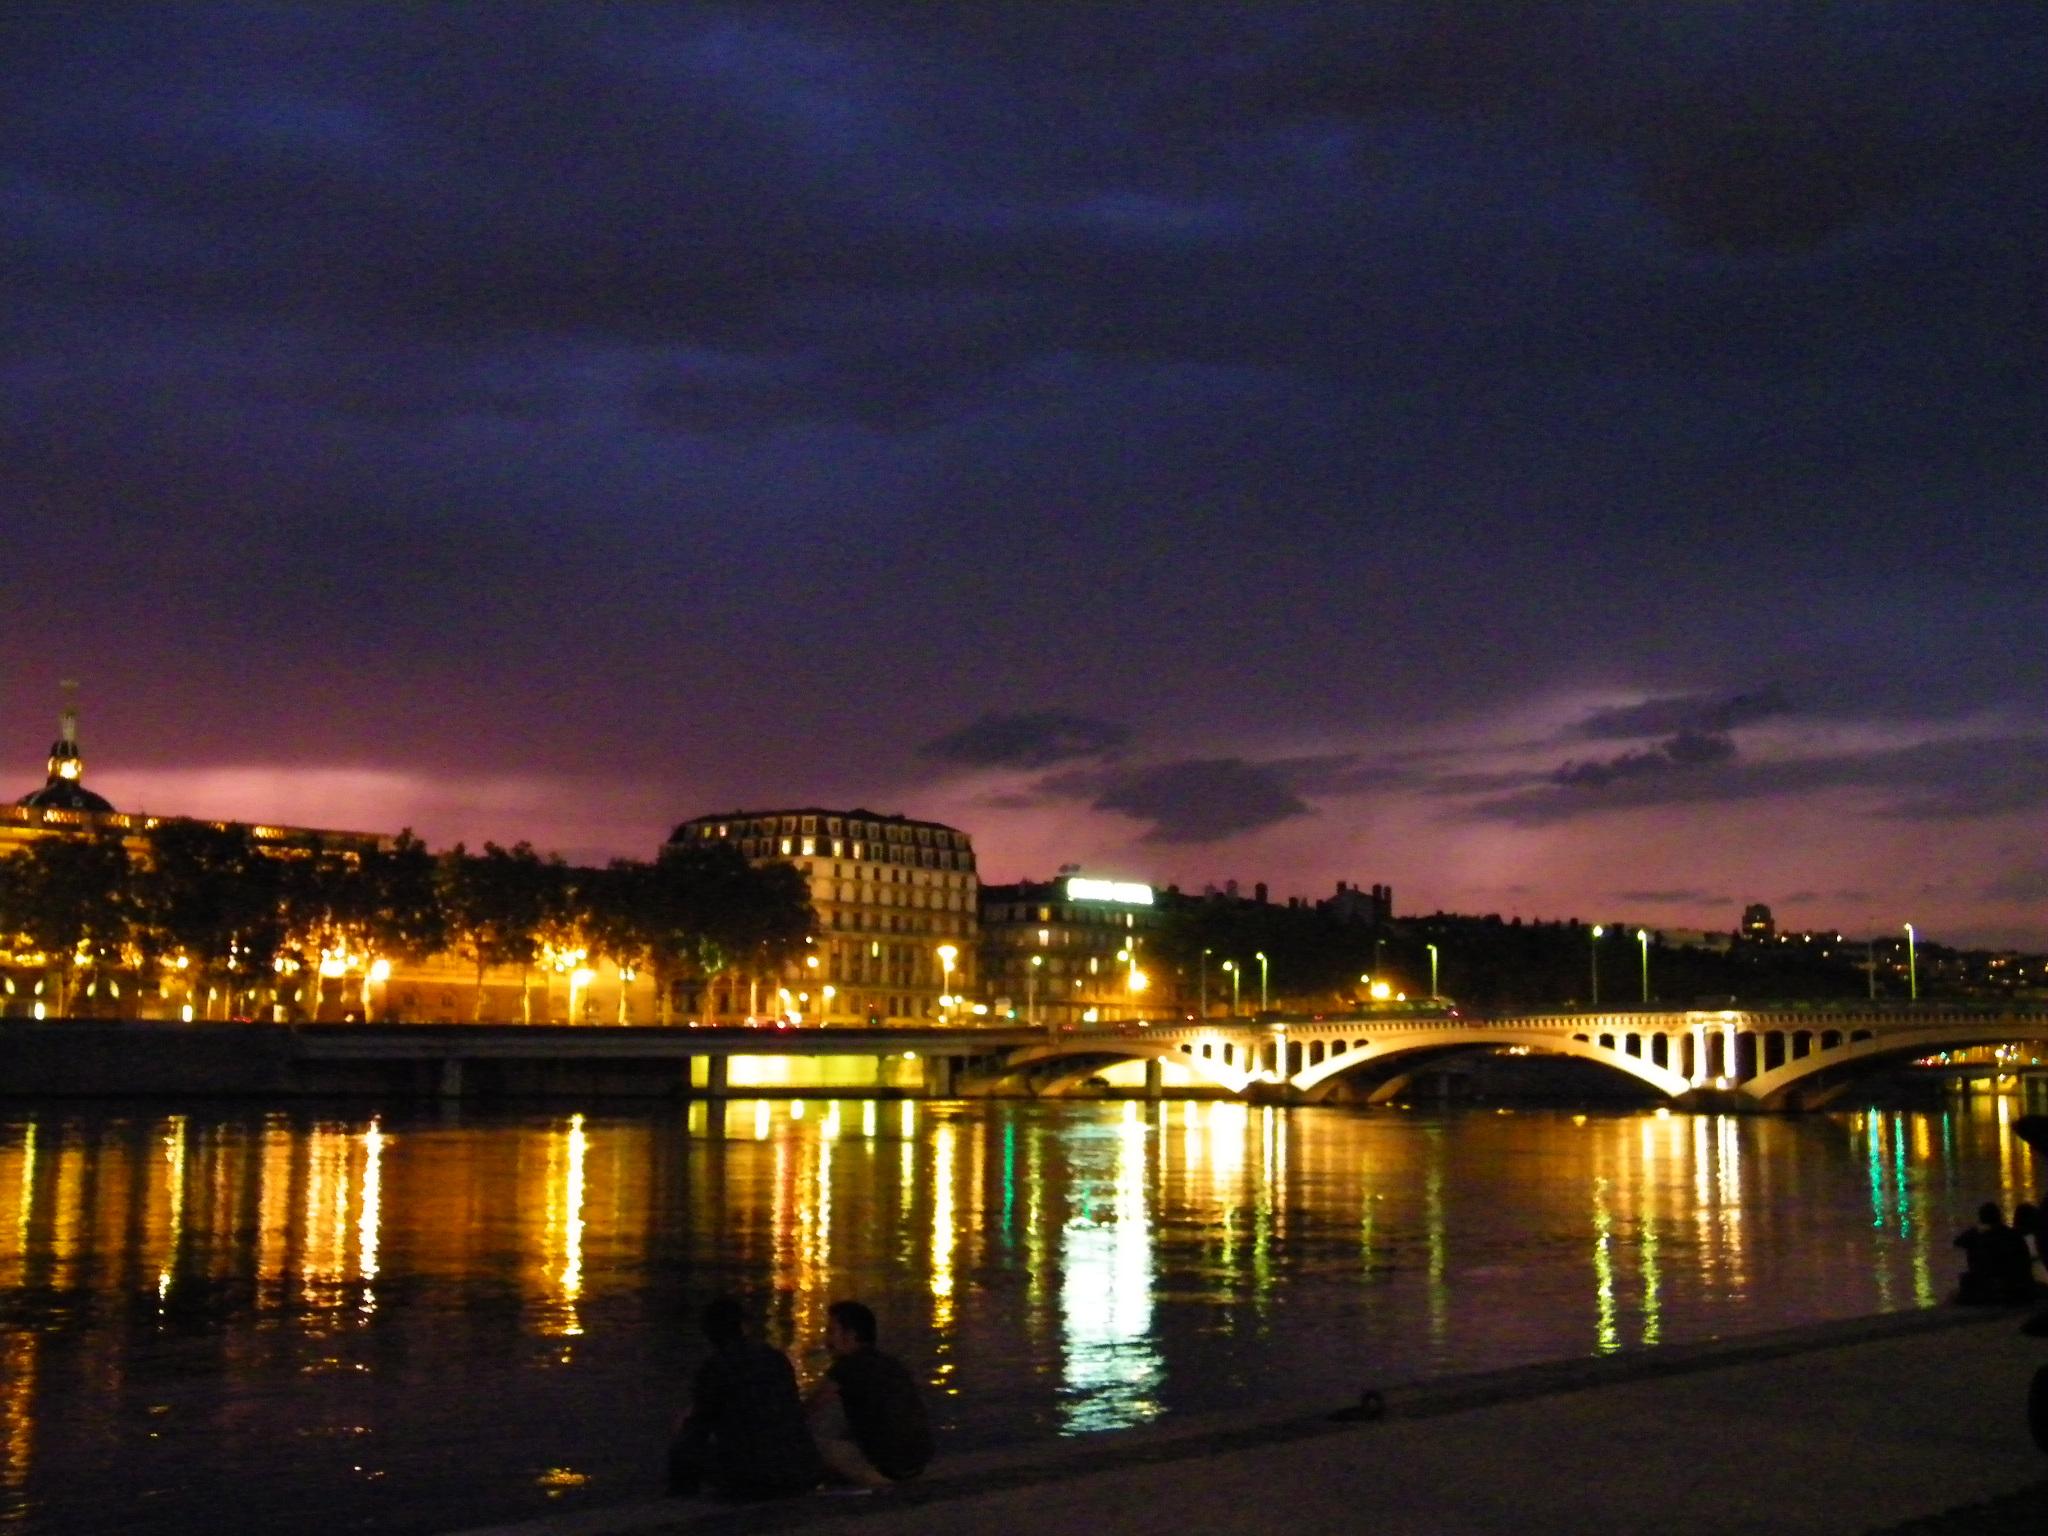 La part dieu lyon france sunrise sunset times - Maison du monde lyon part dieu ...